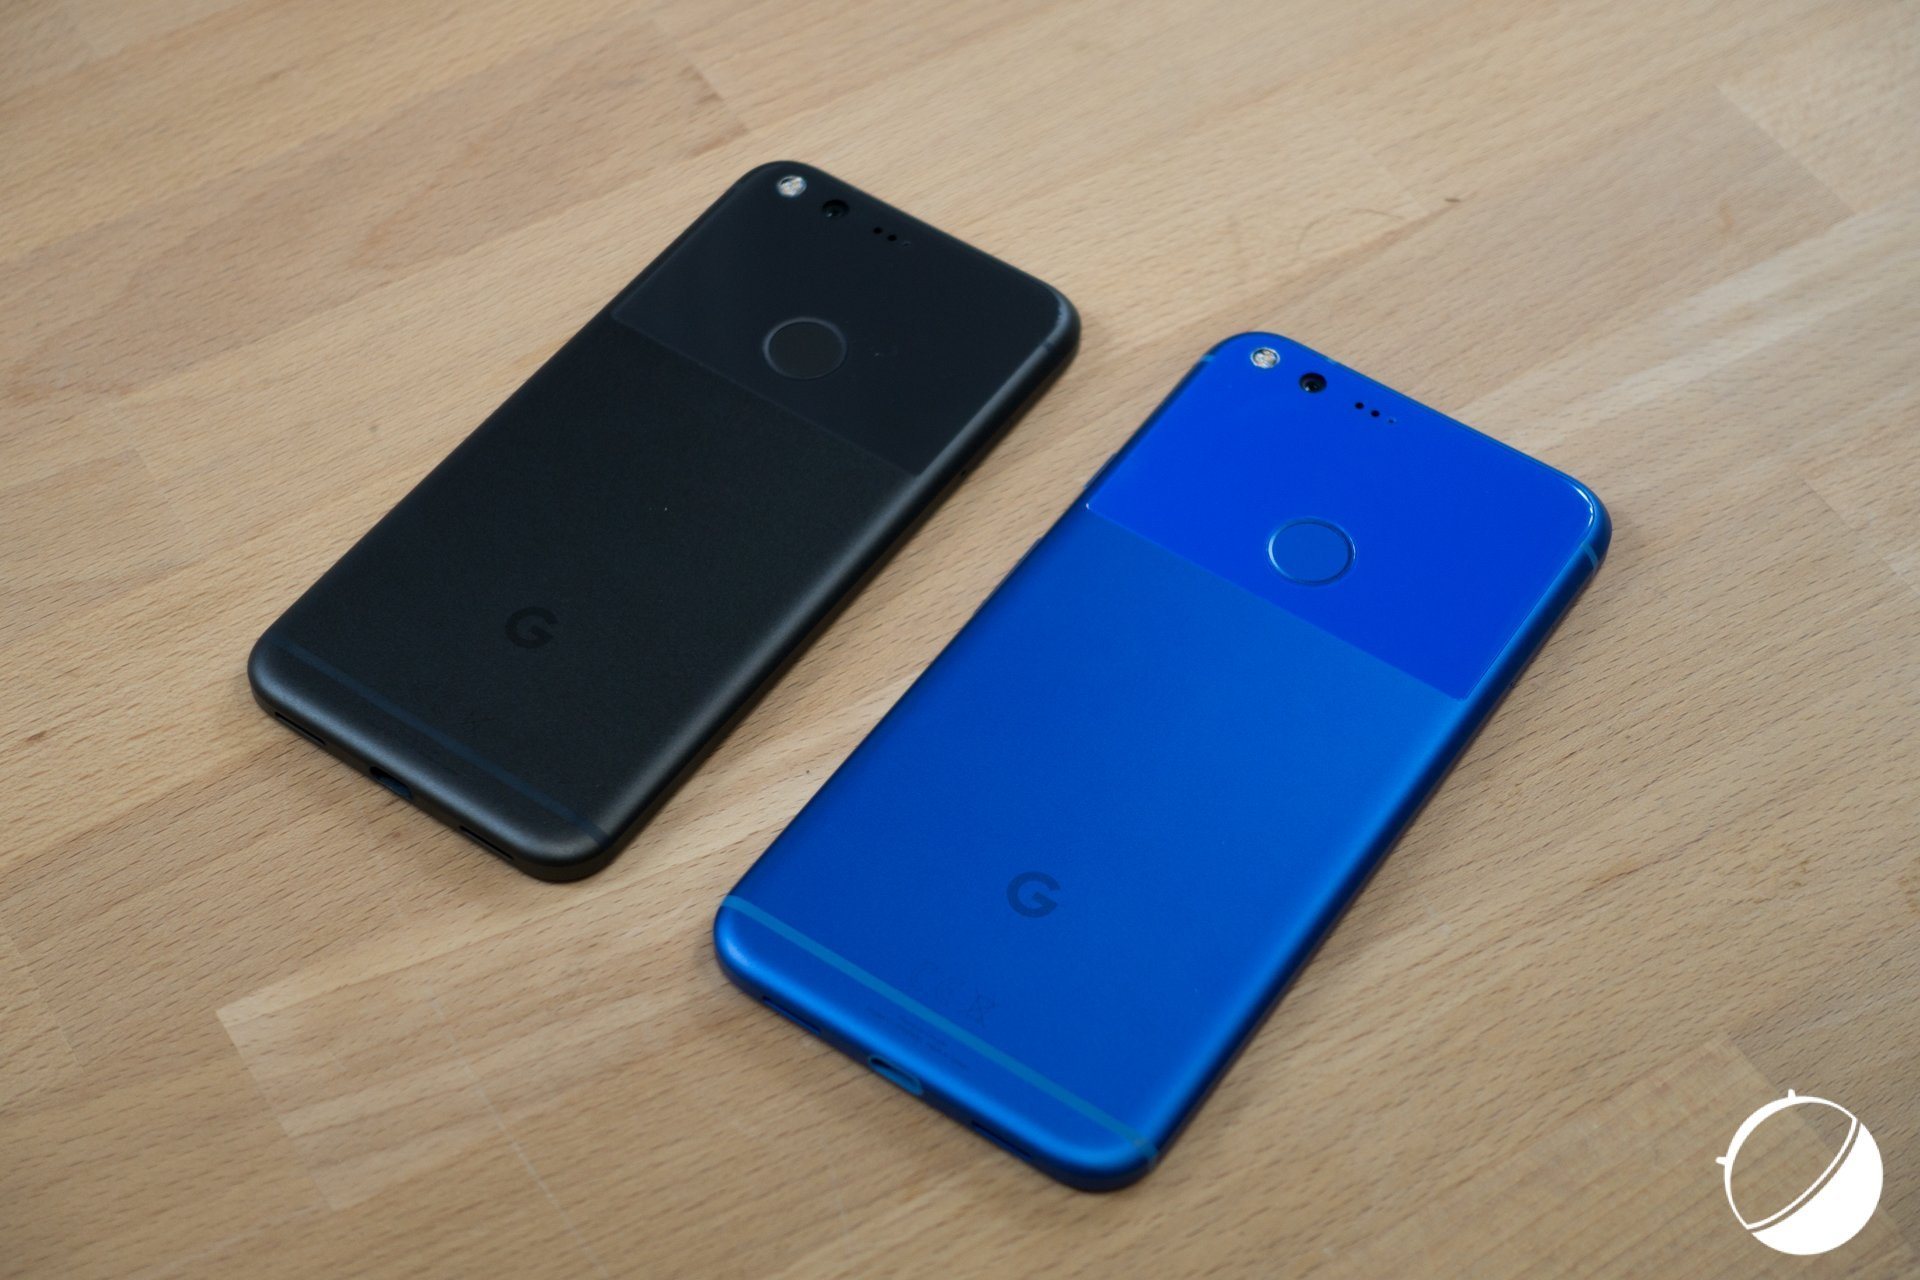 Vidéo : notre prise en main des Google Pixel et Pixel XL, les smartphones Android ultimes